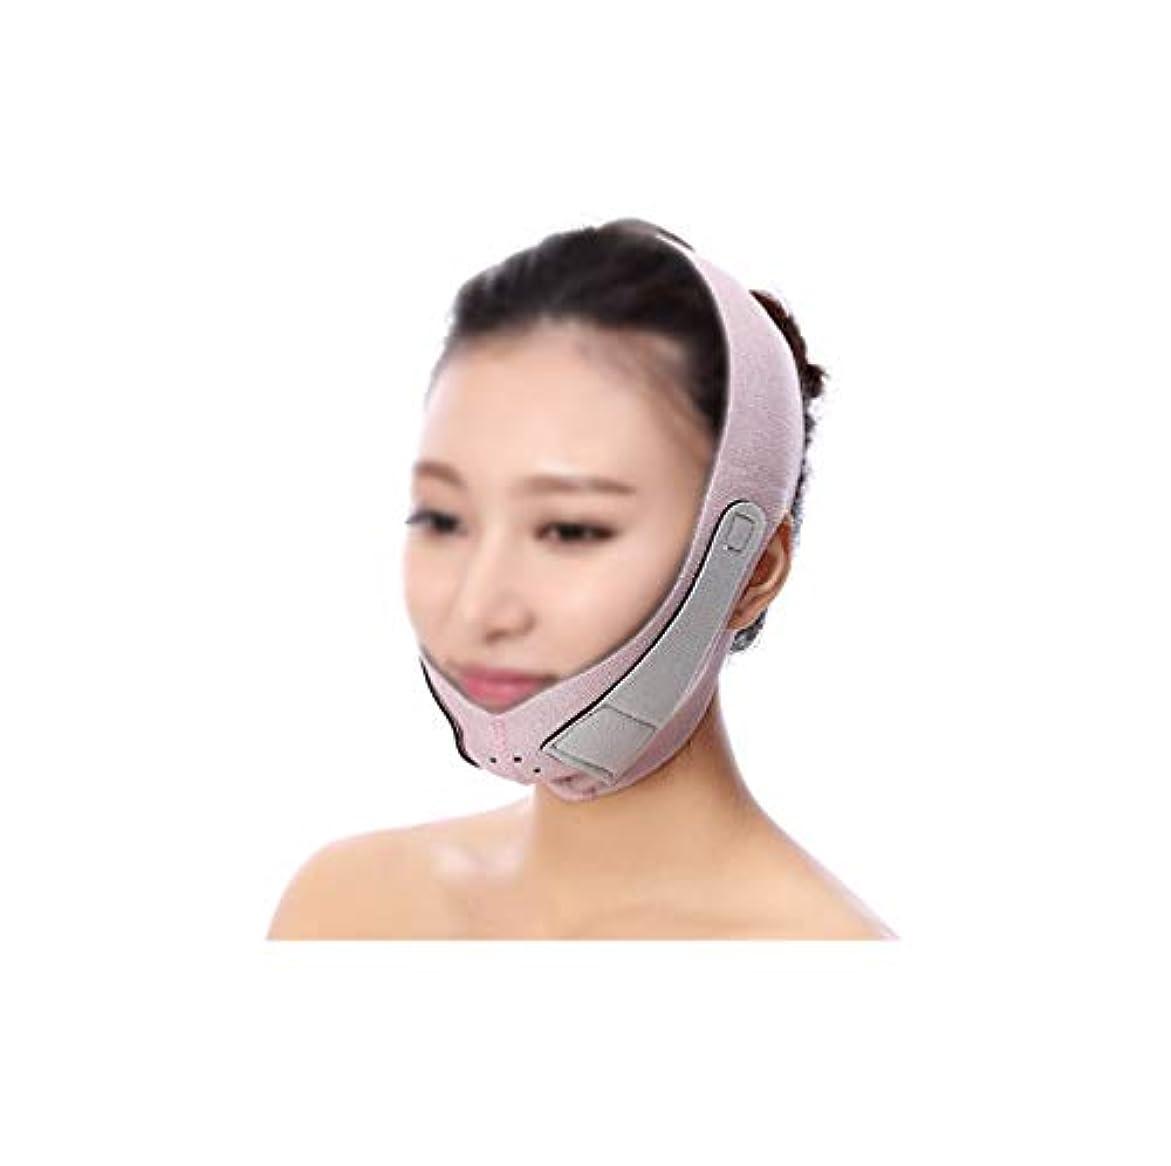 リフレッシュイディオム虹フェイスリフトマスク、あごストラップ回復包帯小さなV顔薄い顔アーティファクト睡眠強力なマスクフェイスリフティング包帯フェイシャルリフティングダブルチンリフティング引き締め